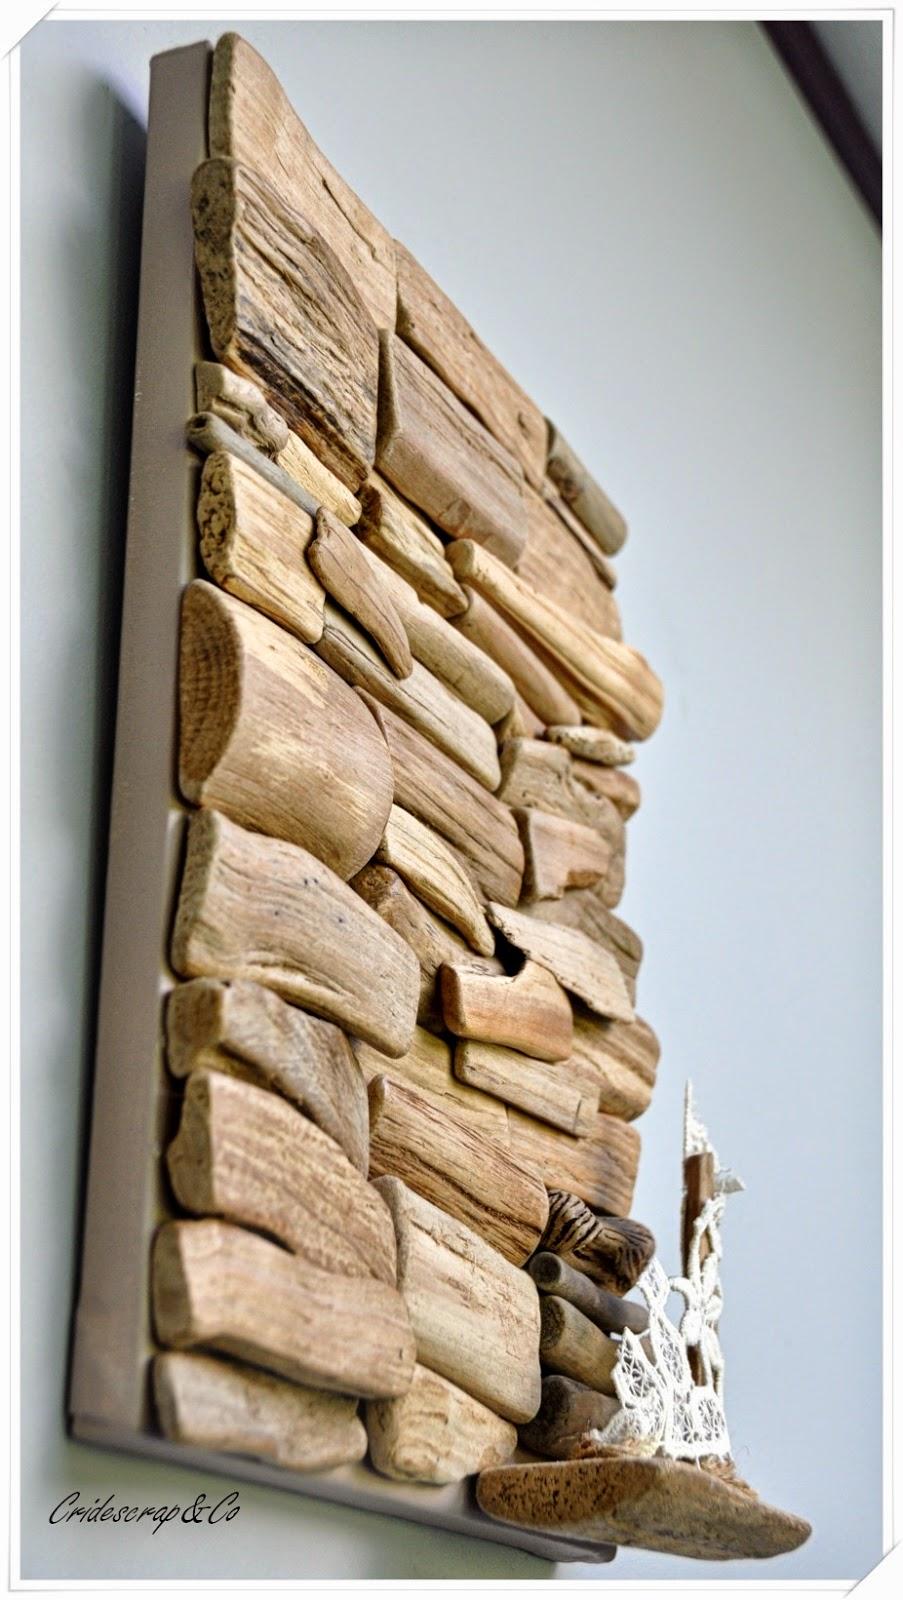 effet bois flott stunning planches en bois flott with effet bois flott free lampe with effet. Black Bedroom Furniture Sets. Home Design Ideas